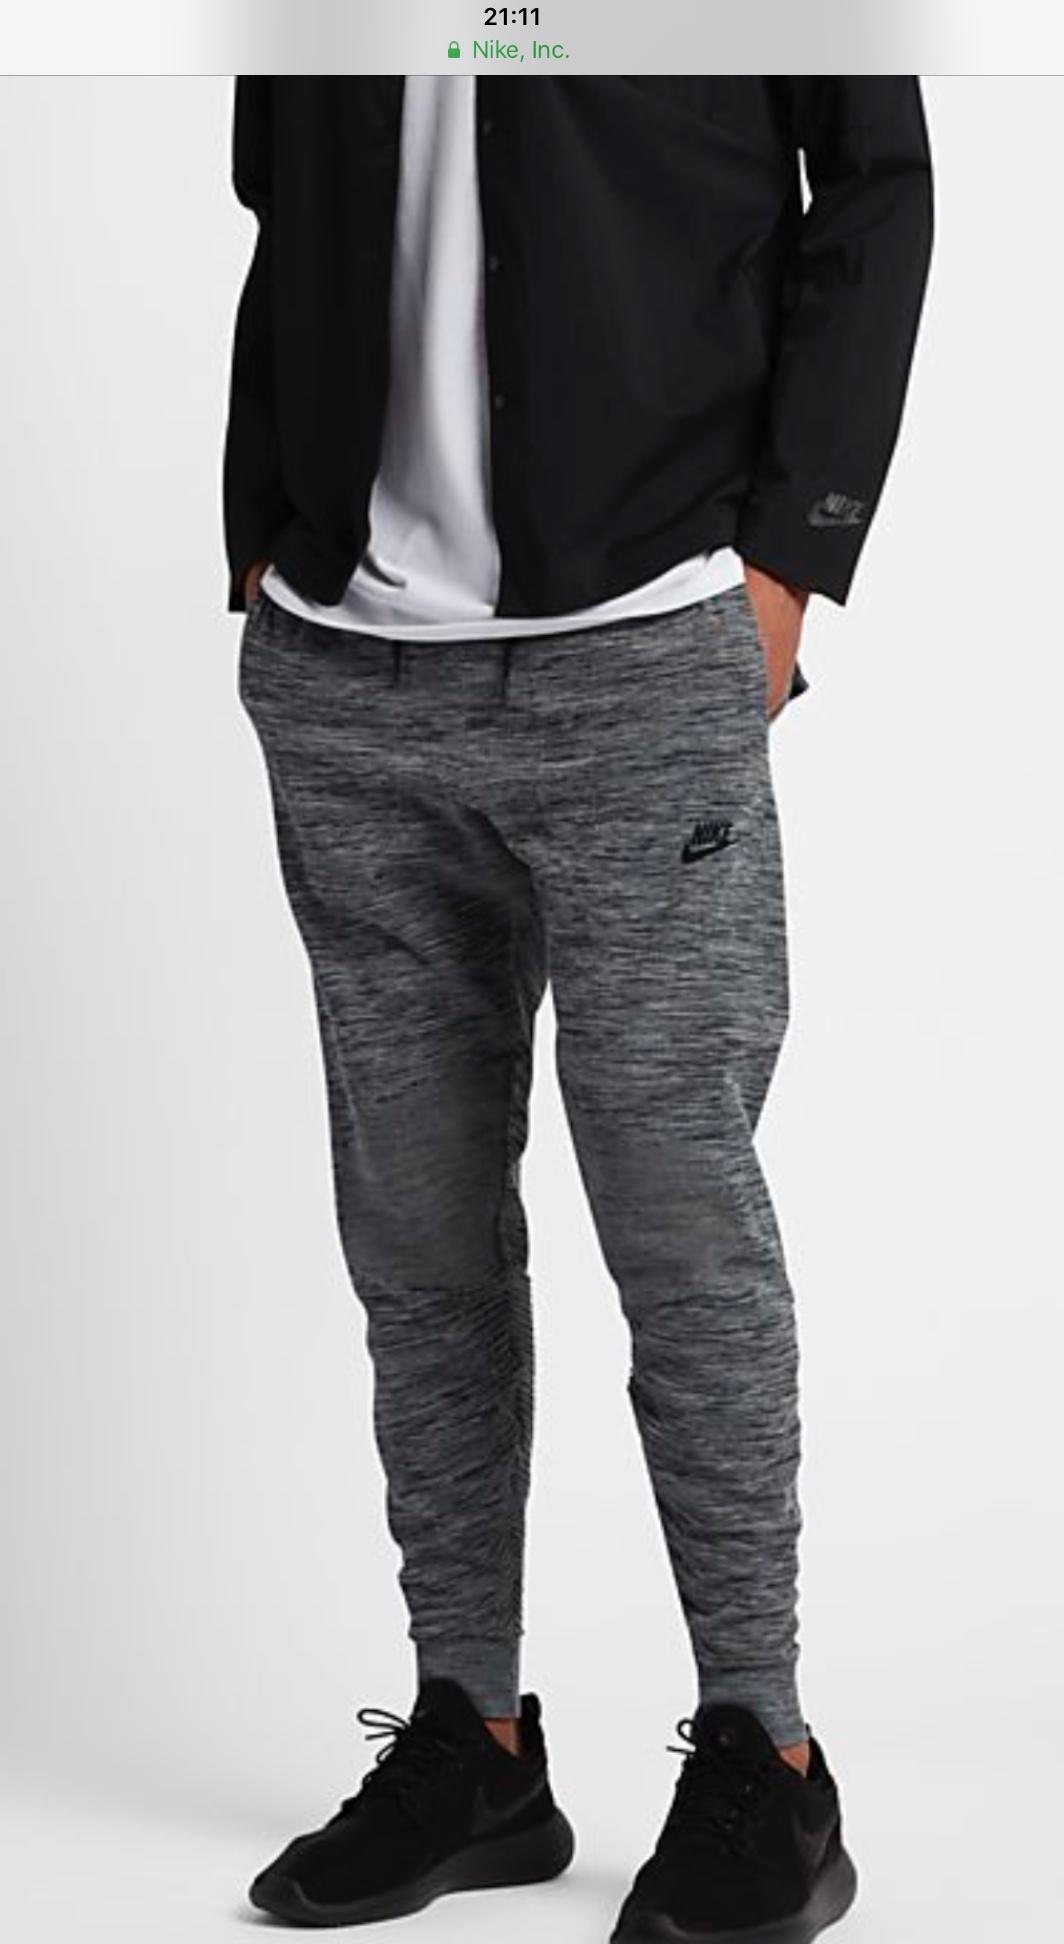 677810b1b117 Spodnie Nike Tech Knit Joggers In Tapered Fit - 7253661105 ...